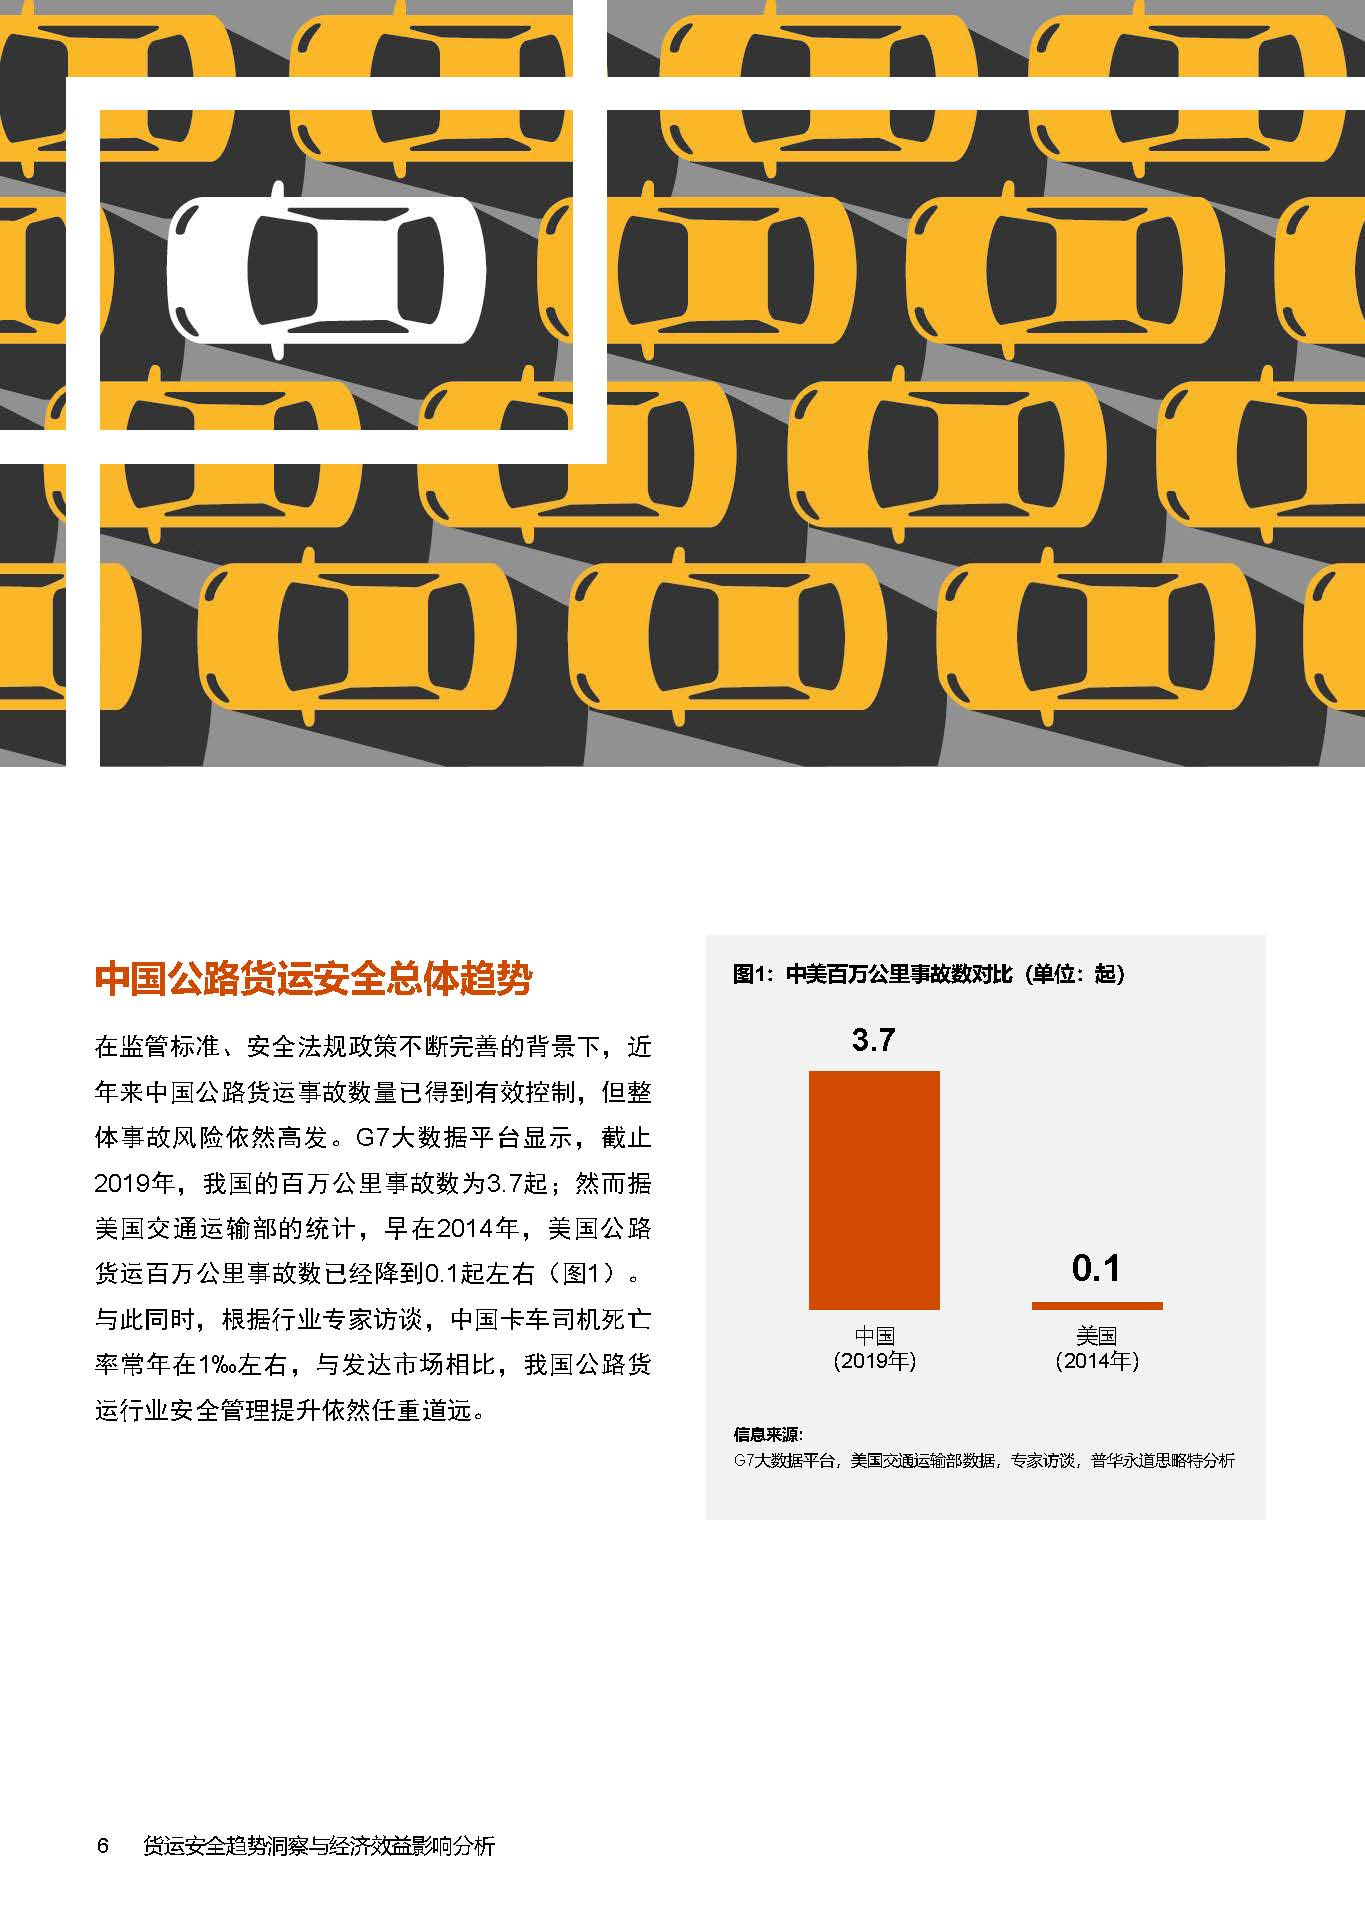 普华永道联合G7、中国交通报发布《中国公路货运行业智慧安全白皮书》